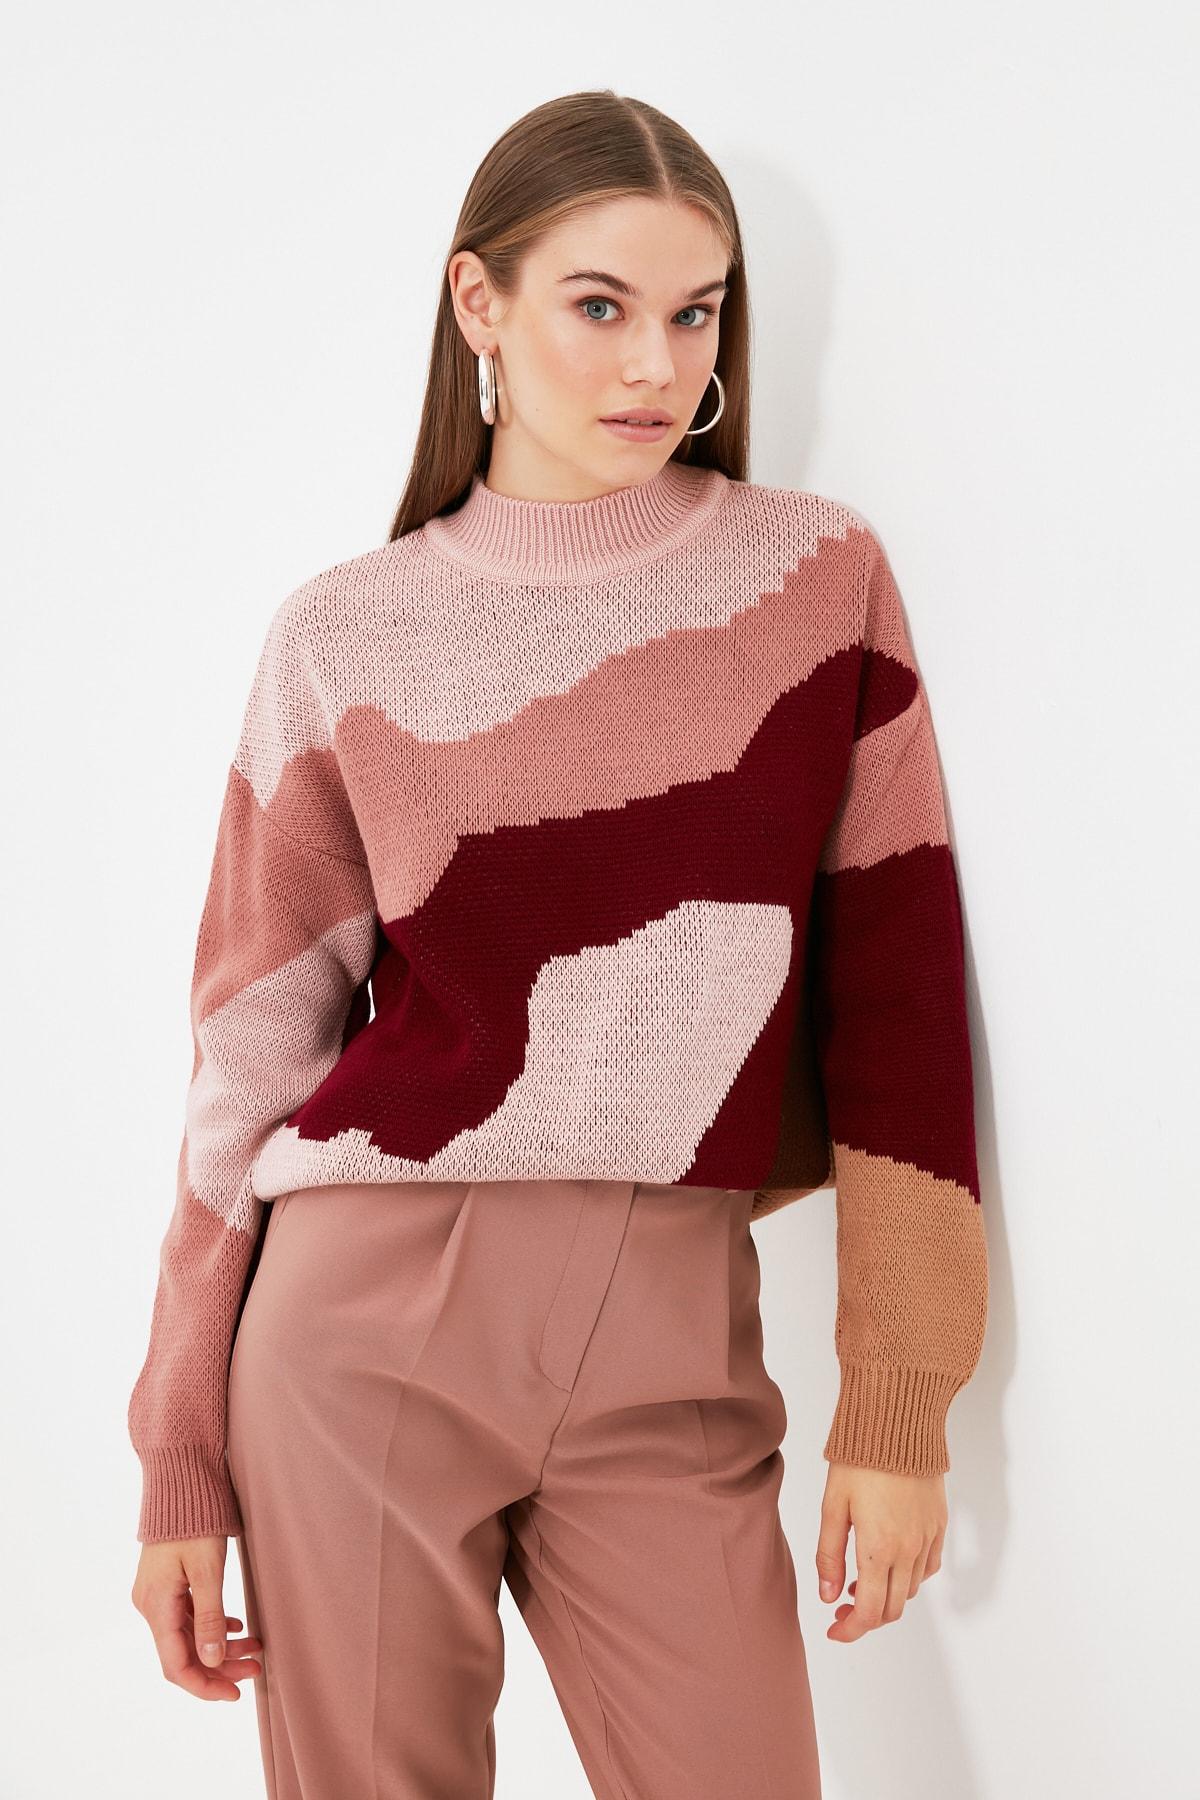 Trendyol Upright Collar Jacquard Knitwear Sweater TWOAW22KZ0014